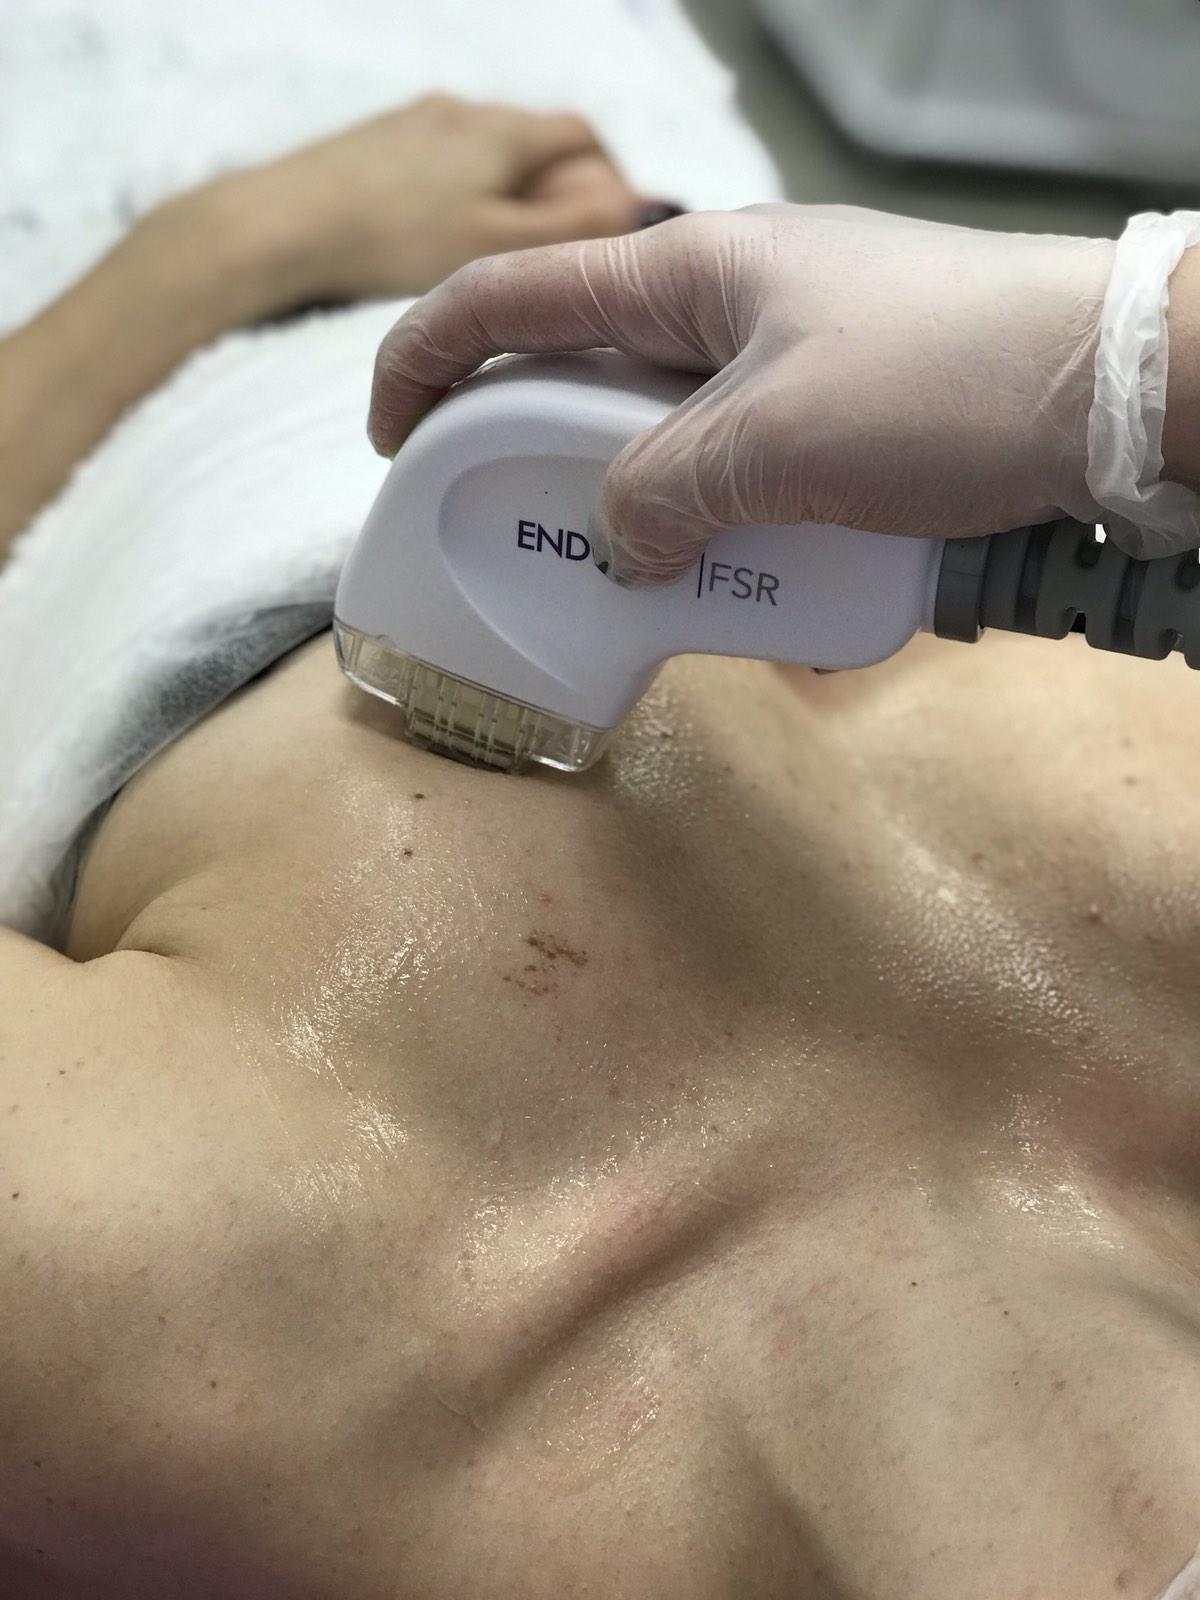 Фракційне шліфування шкіри обличчя та тіла на апараті EndyMed